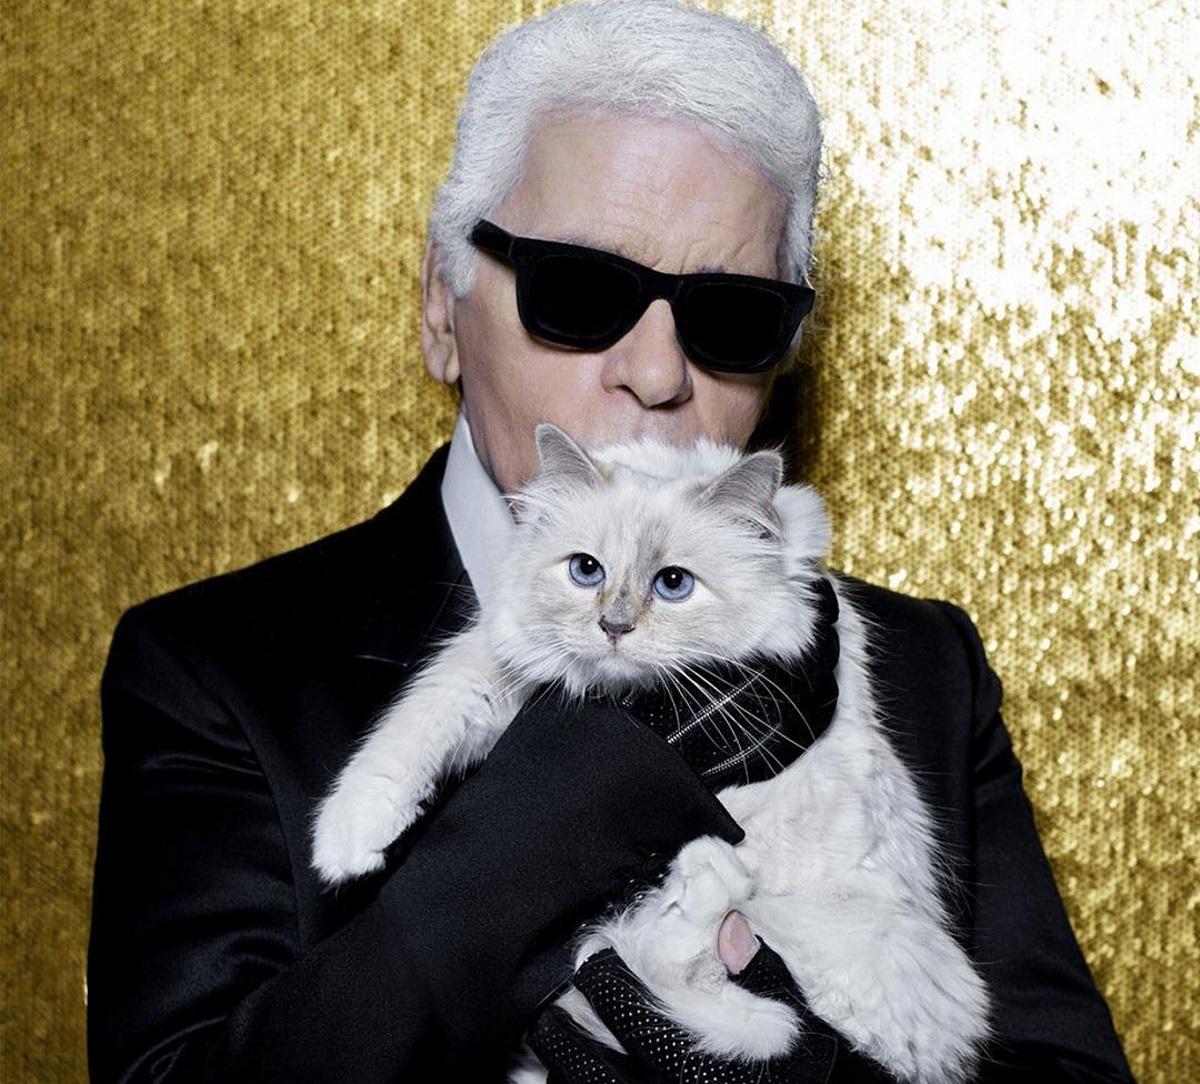 Choupette: Η διάσημη γάτα του Καρλ Λάγκερφελντ «αποχαιρετά» τον πατέρα της! Το συγκινητικό αντίο στα social media | tlife.gr